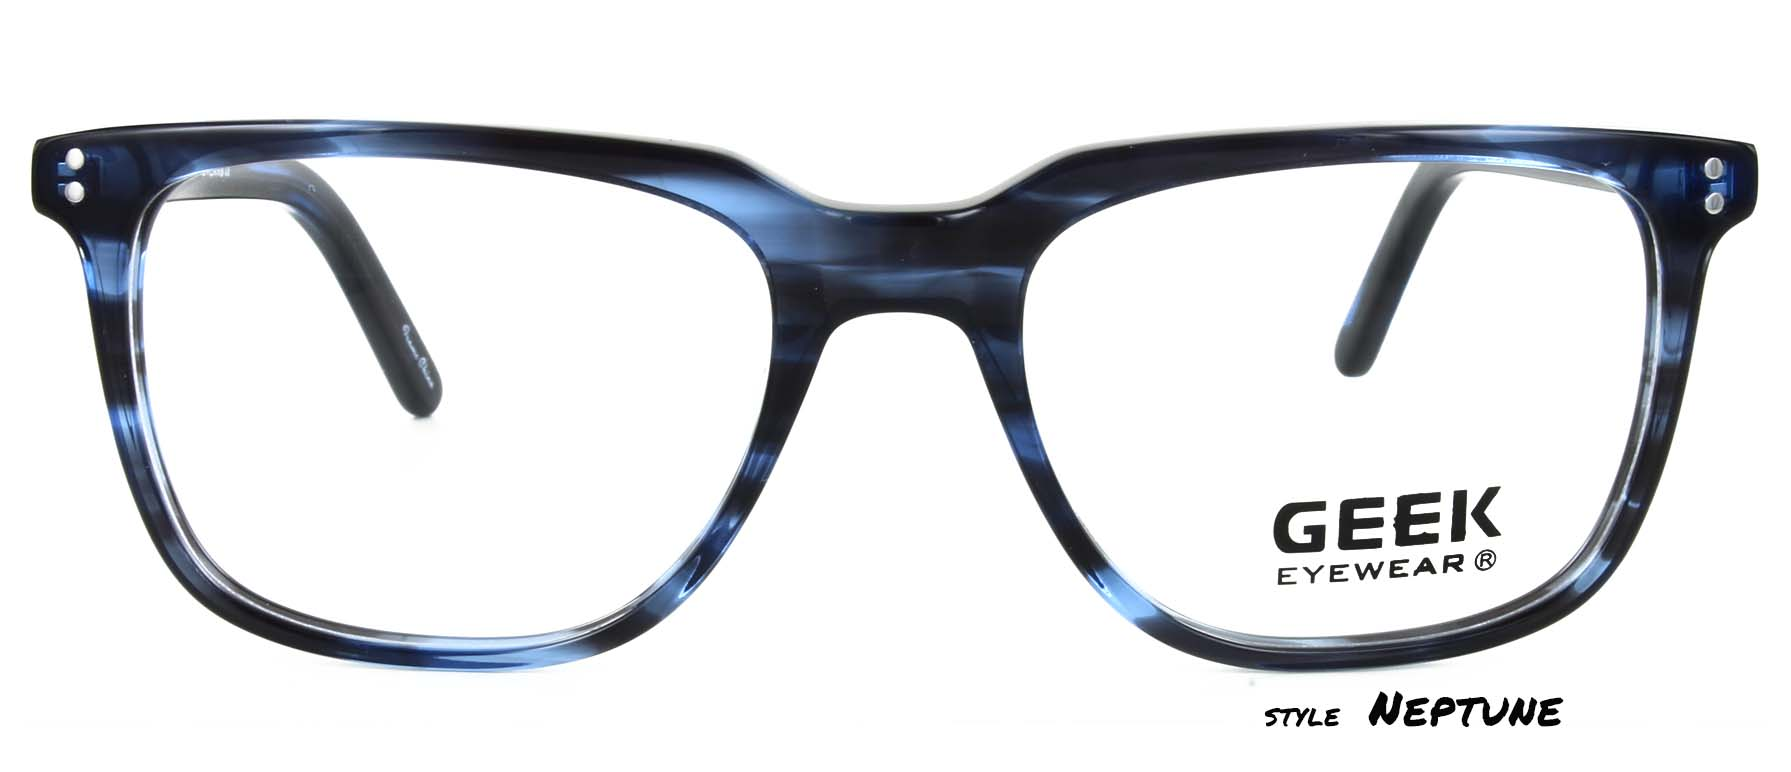 geek-eyewear-style-neptune-blog.jpg